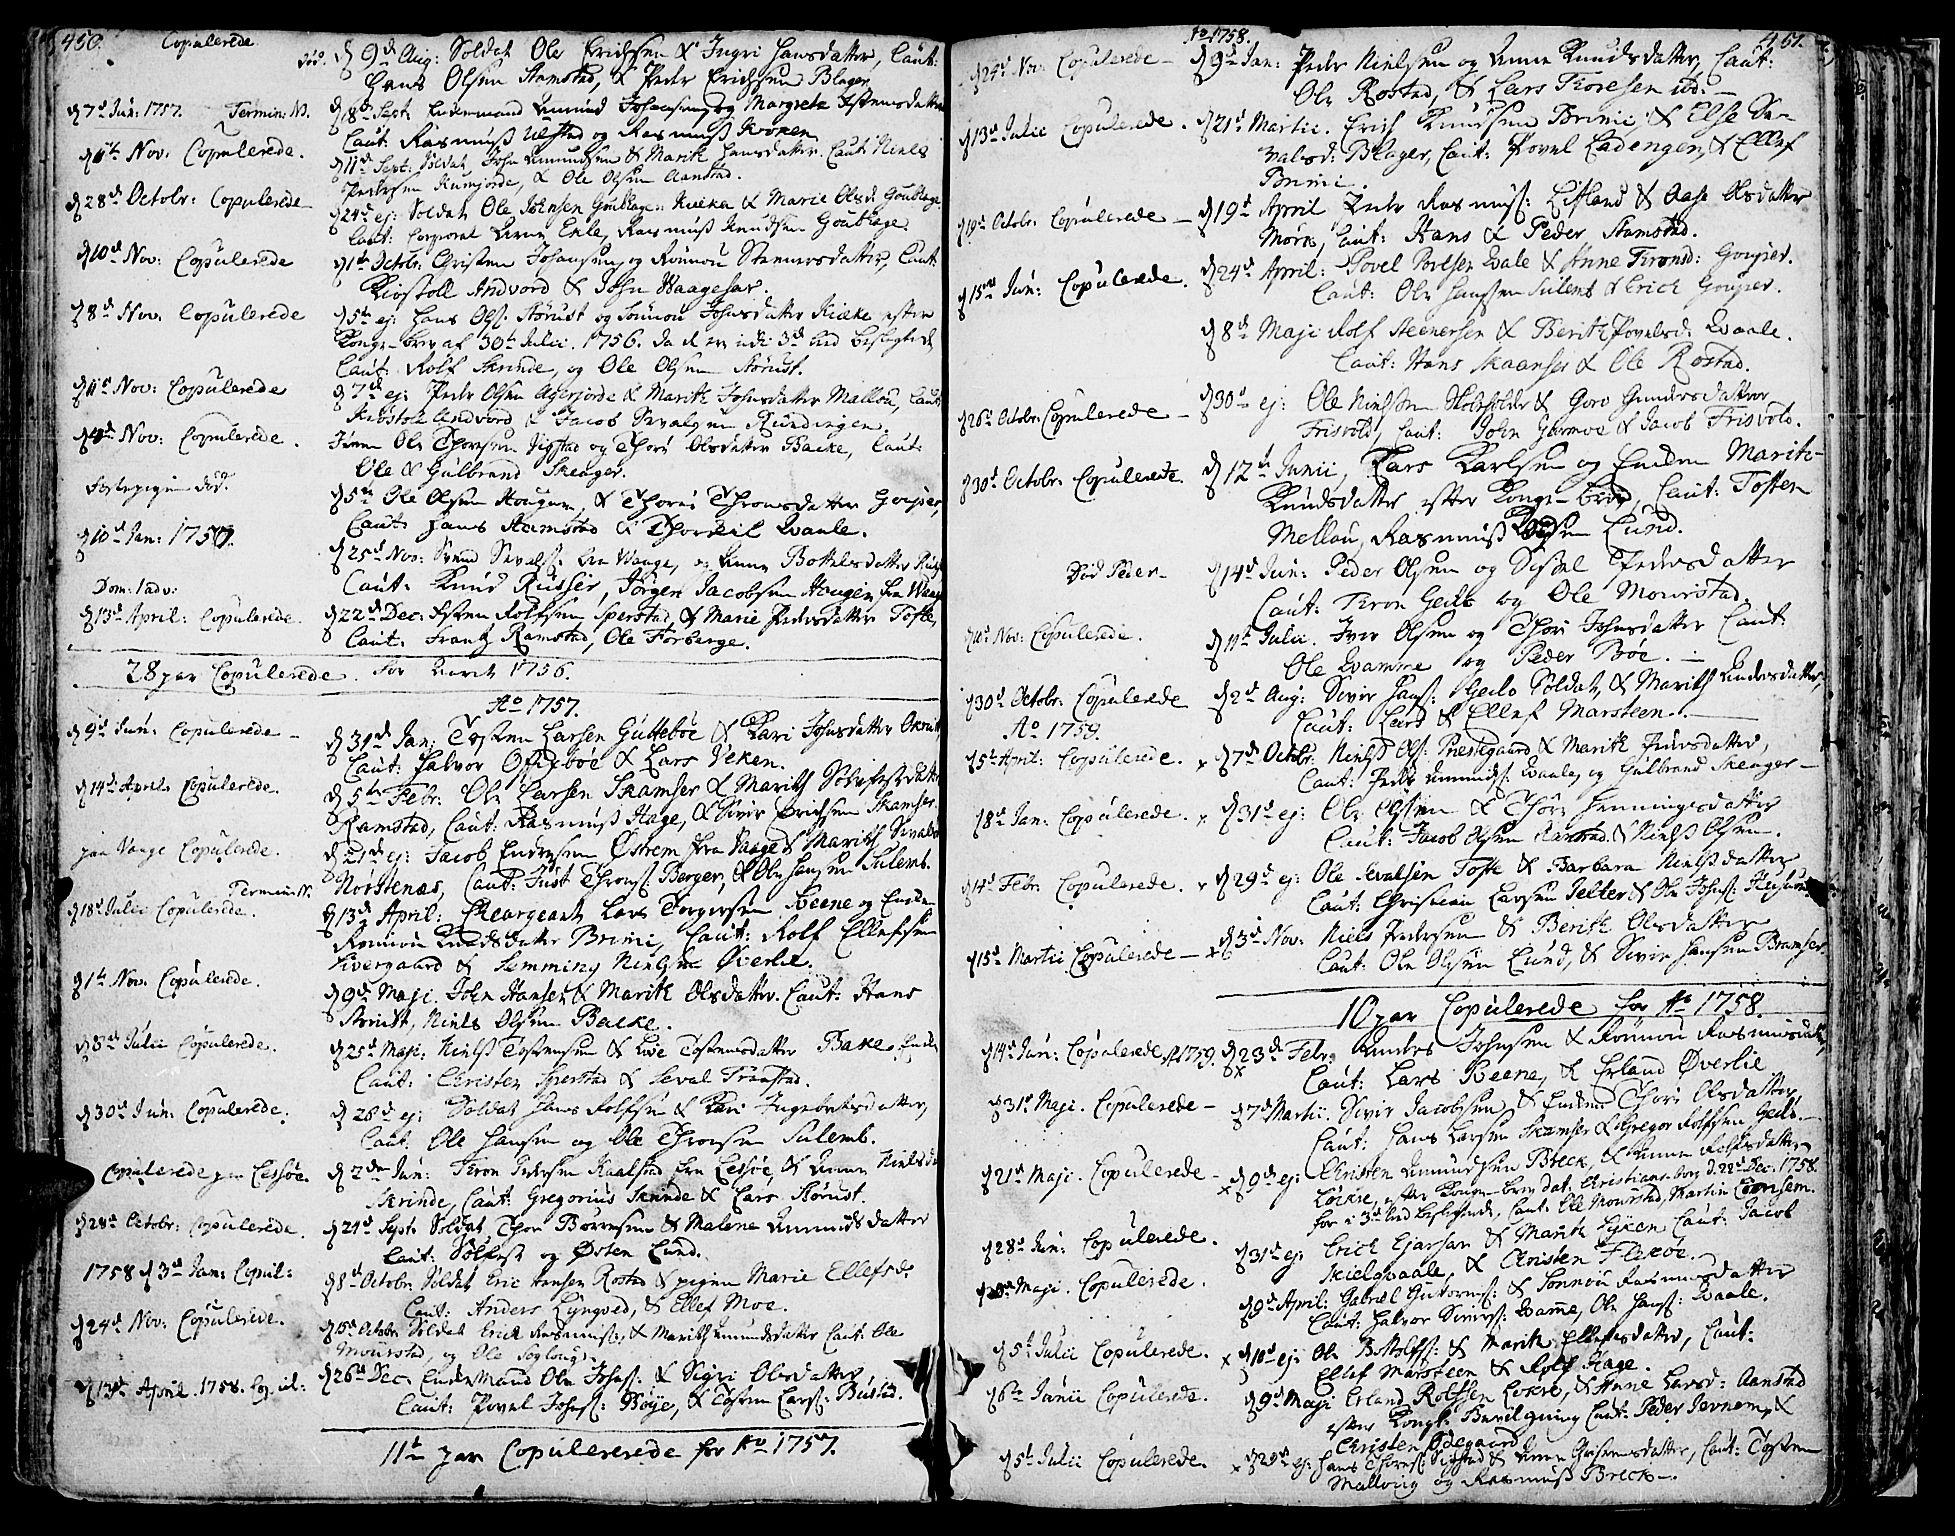 SAH, Lom prestekontor, K/L0002: Ministerialbok nr. 2, 1749-1801, s. 450-451